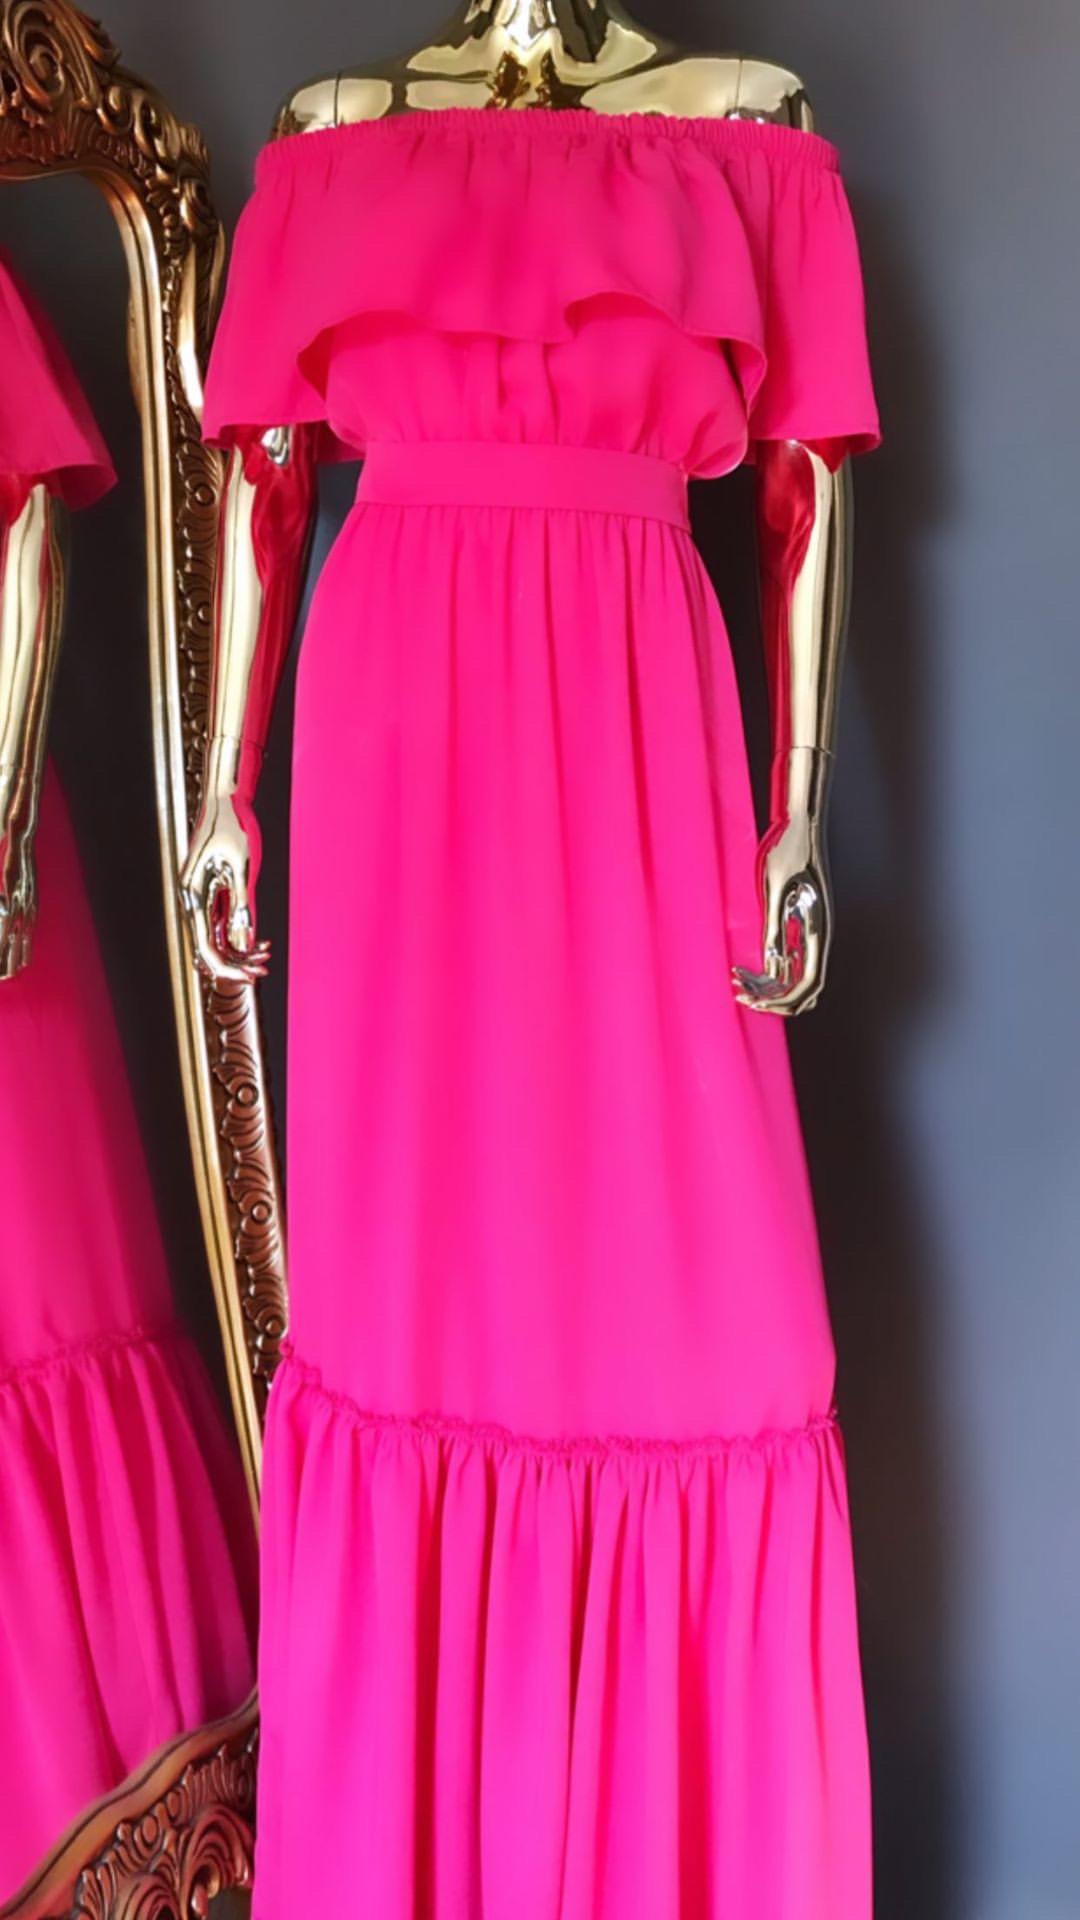 DIDEMΛYDIN Pembe Uzun Elbise